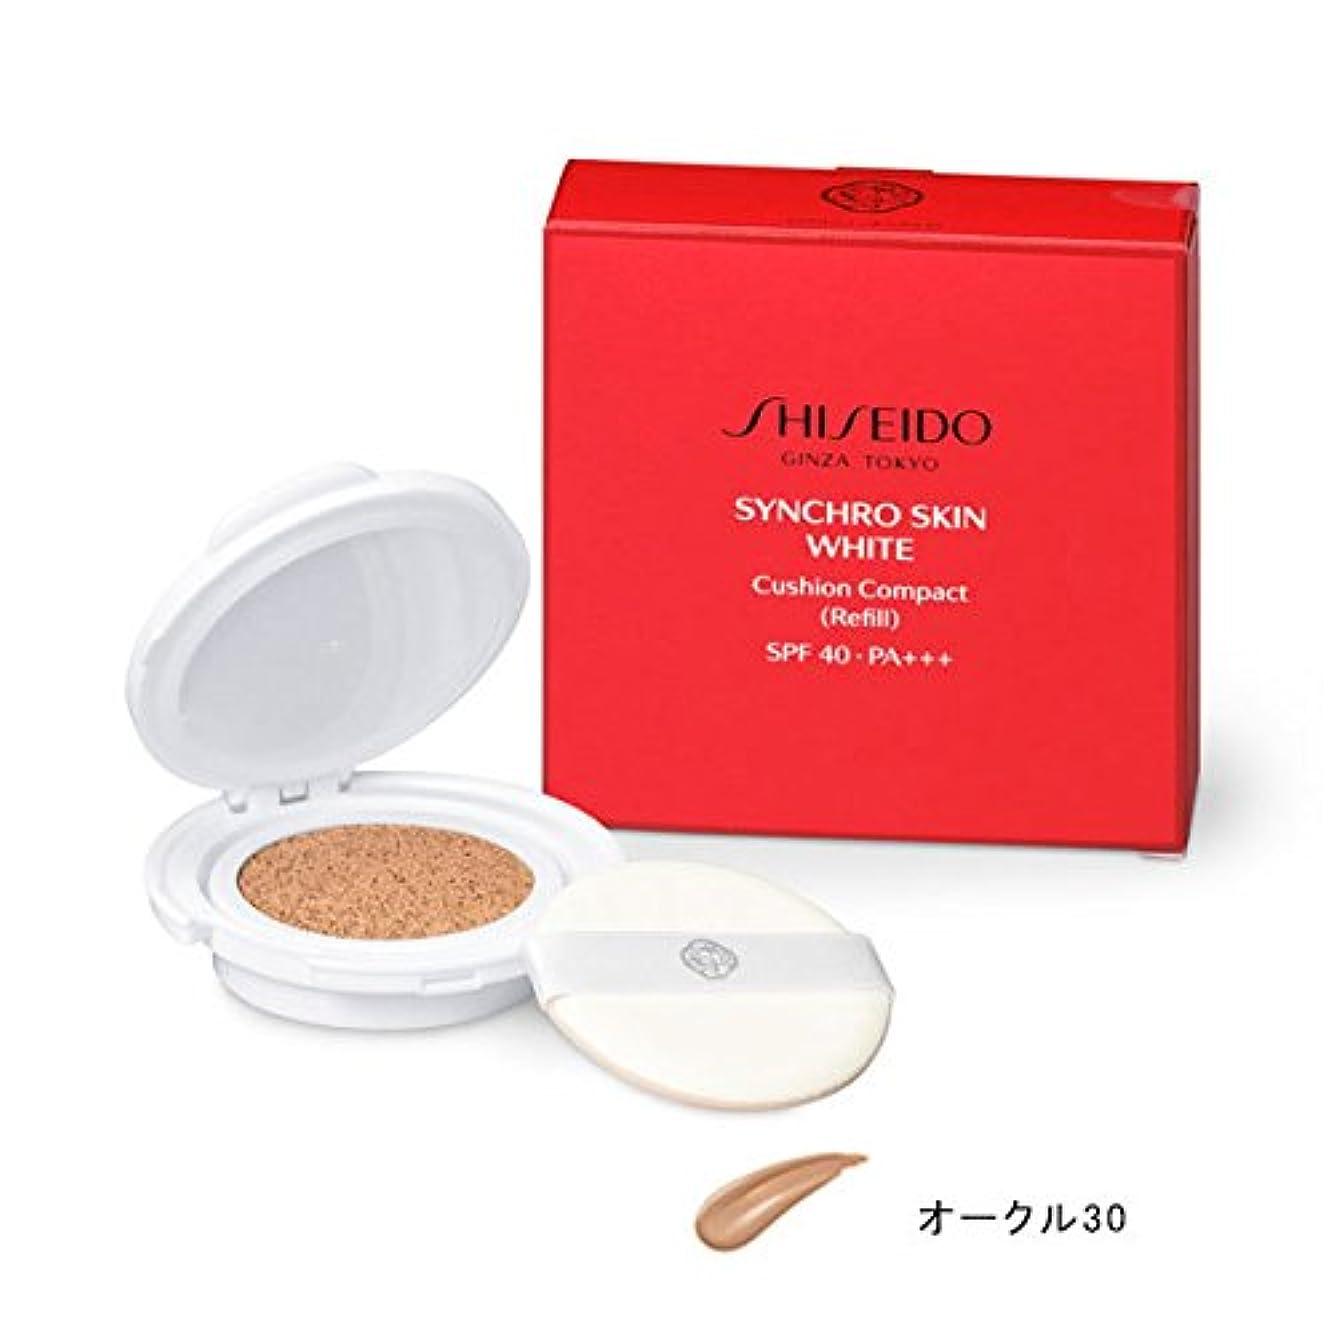 最大化するメロン吸うSHISEIDO Makeup(資生堂 メーキャップ) SHISEIDO(資生堂) シンクロスキン ホワイト クッションコンパクト WT レフィル(医薬部外品) (オークル30)